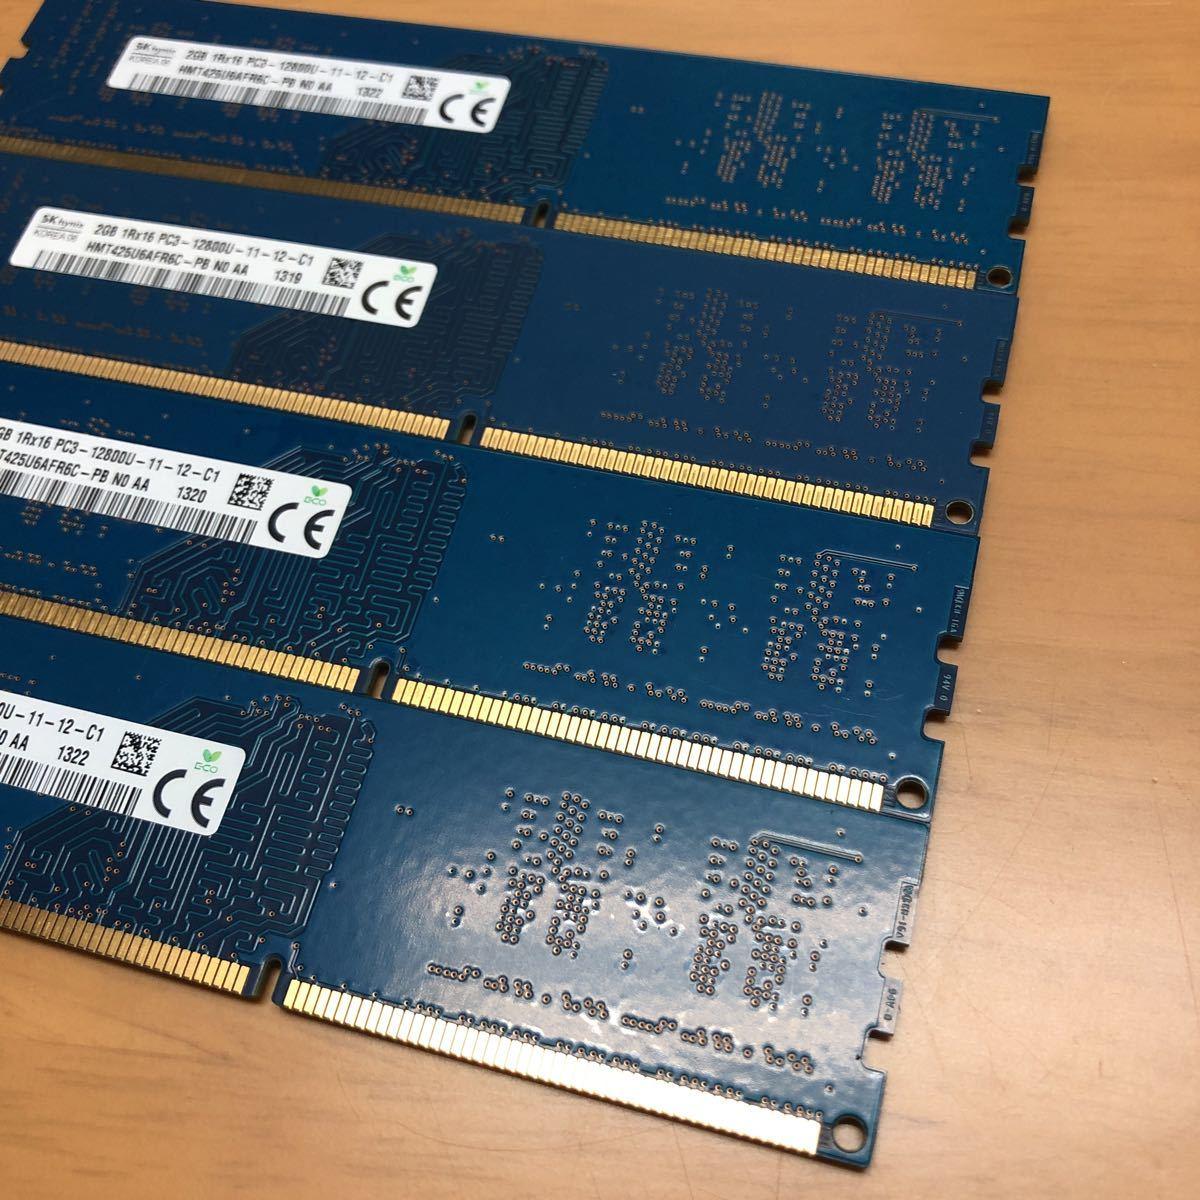 高性能 美品 SK hynix 1Rx16 PC3-12800U-11-12-C1 2GB×4枚 計8GB (DDR3 1600) 片面チップ デスクトップ PCメモリー 完動品_画像6